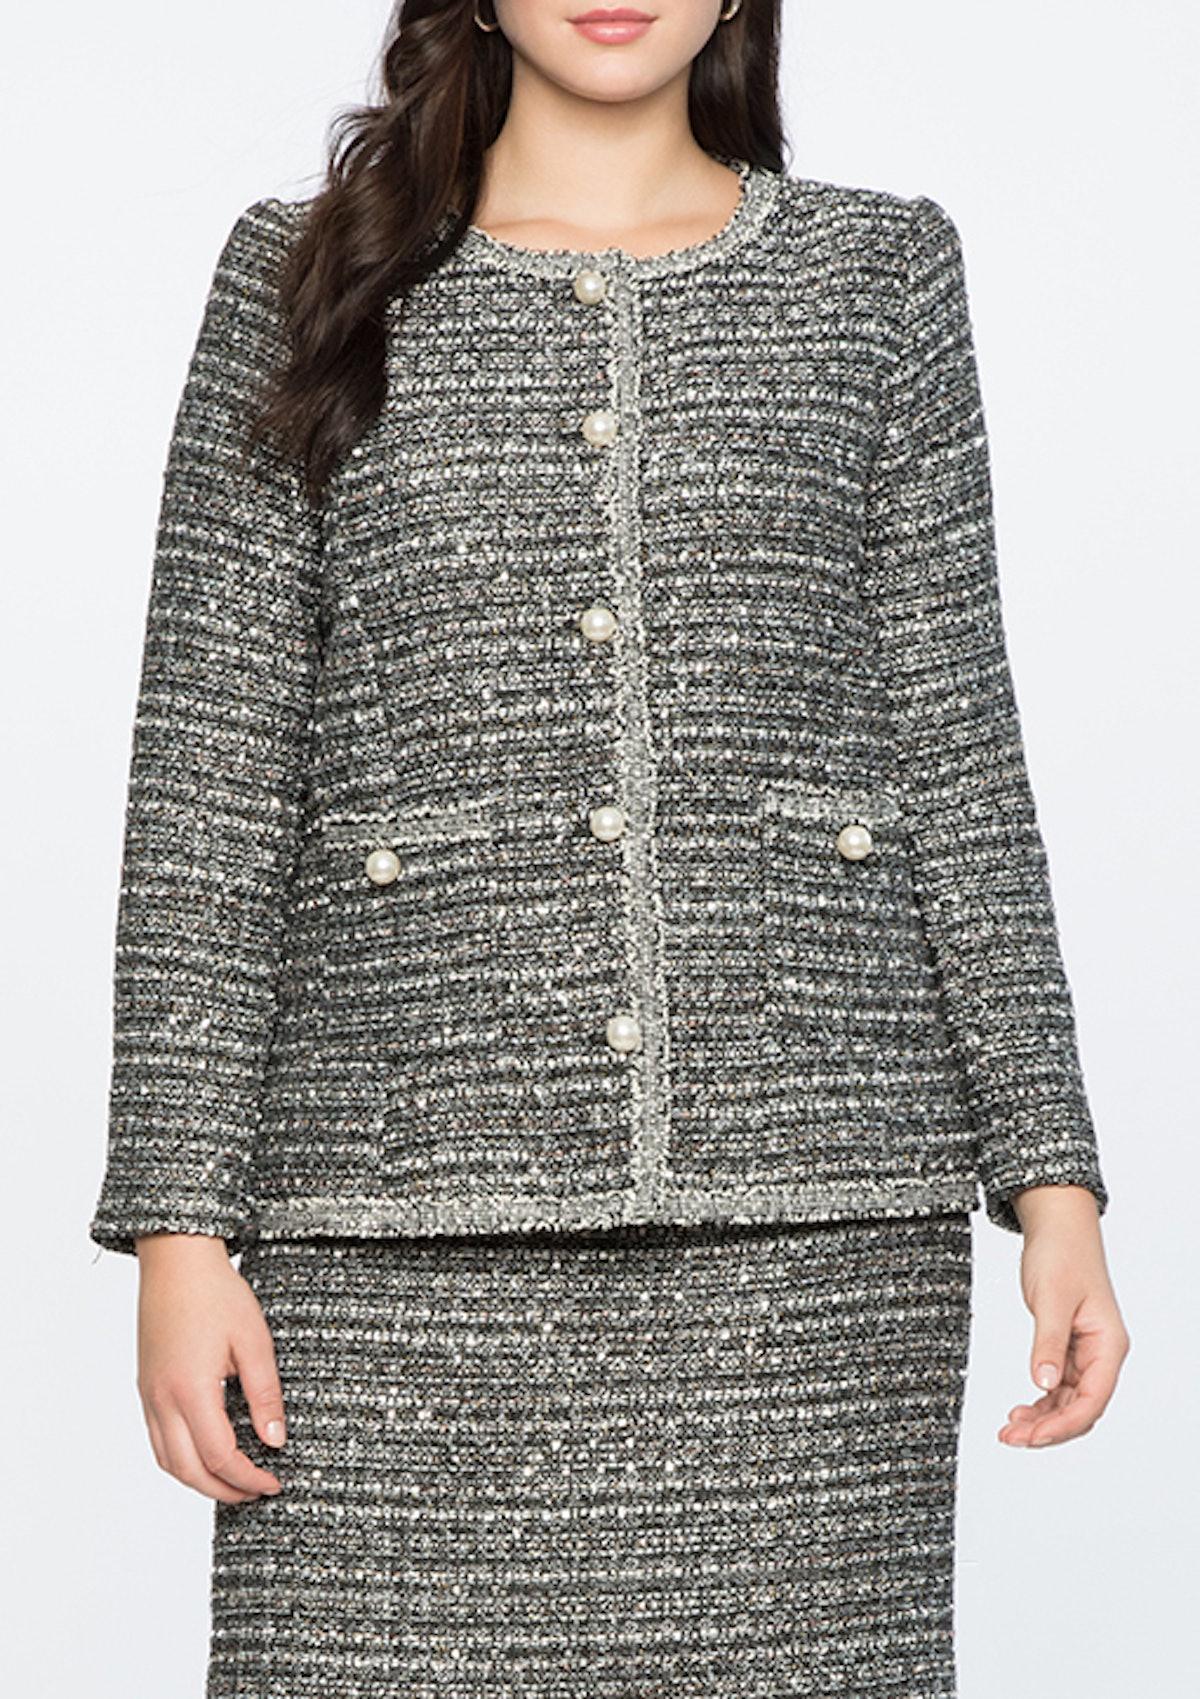 Tweed Jacket With Trim